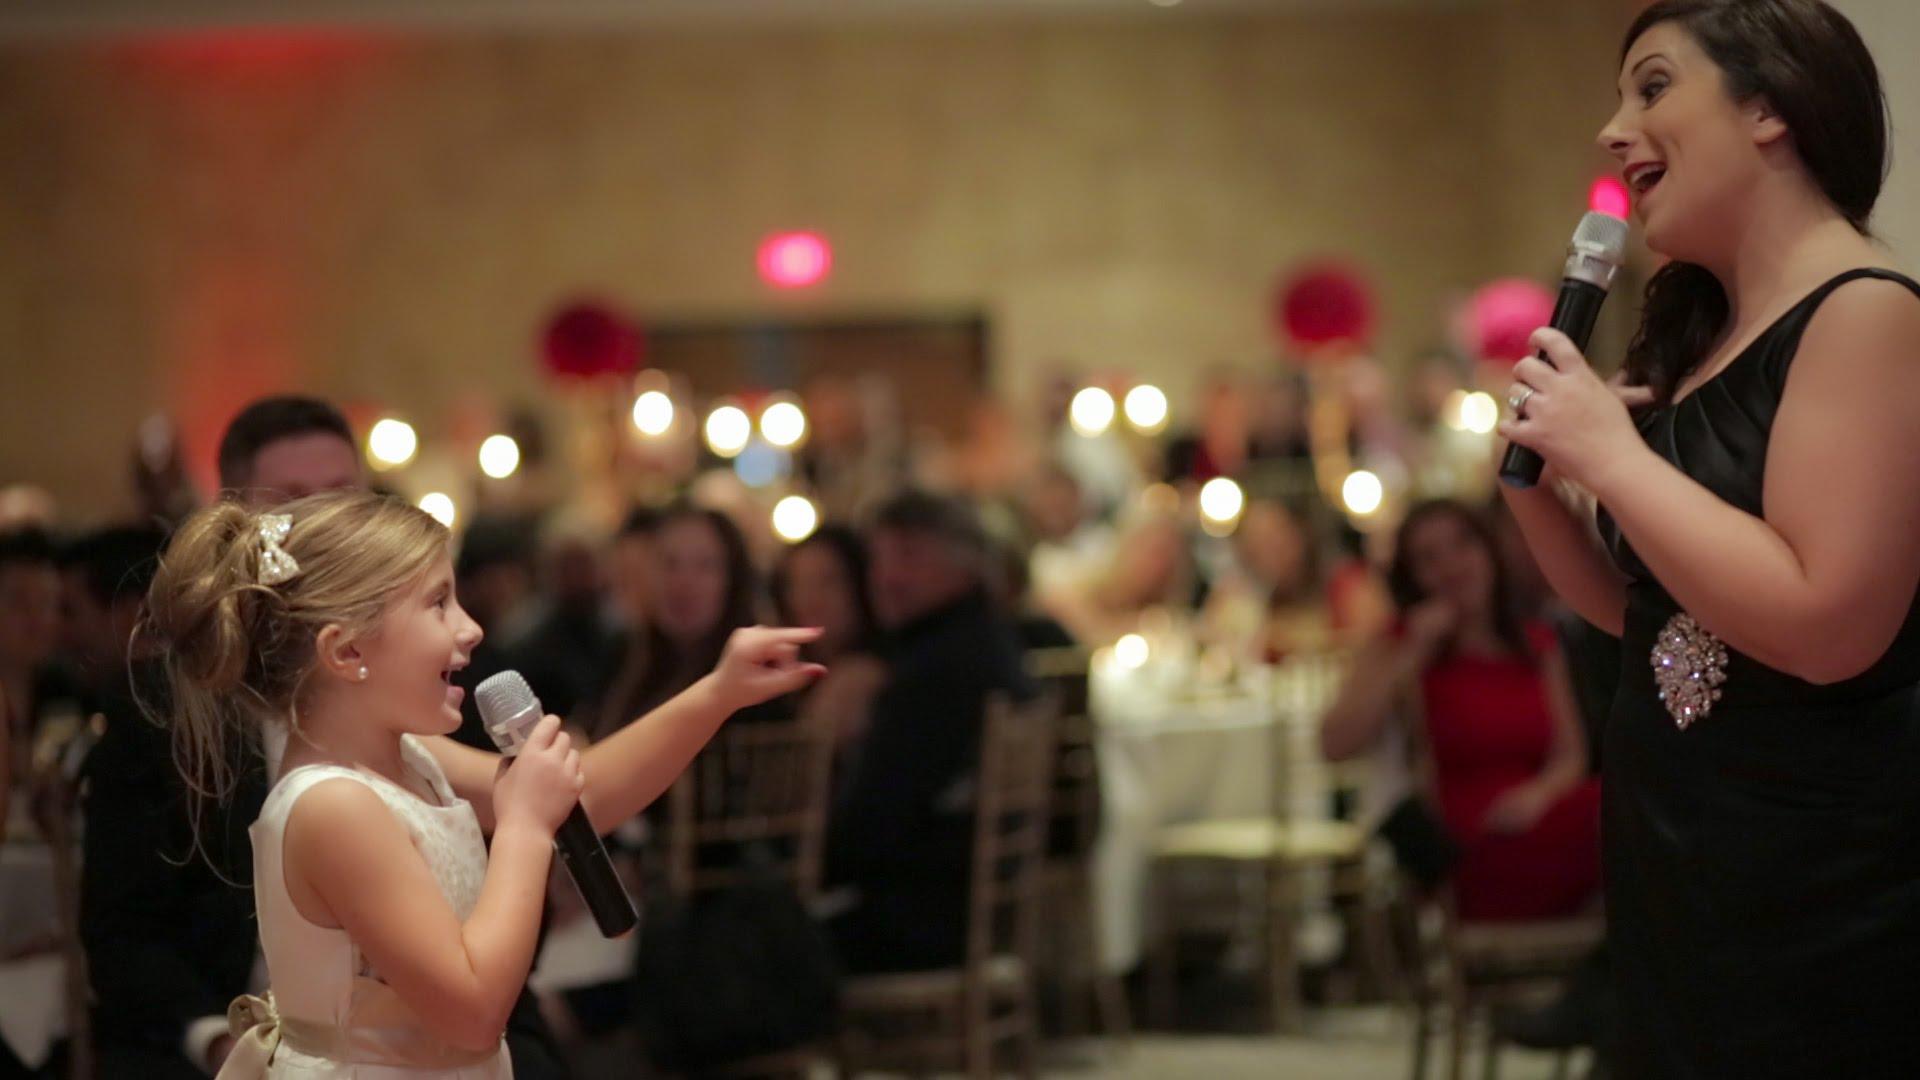 مفاجأة رائعة تلقتها ليلة زفافها